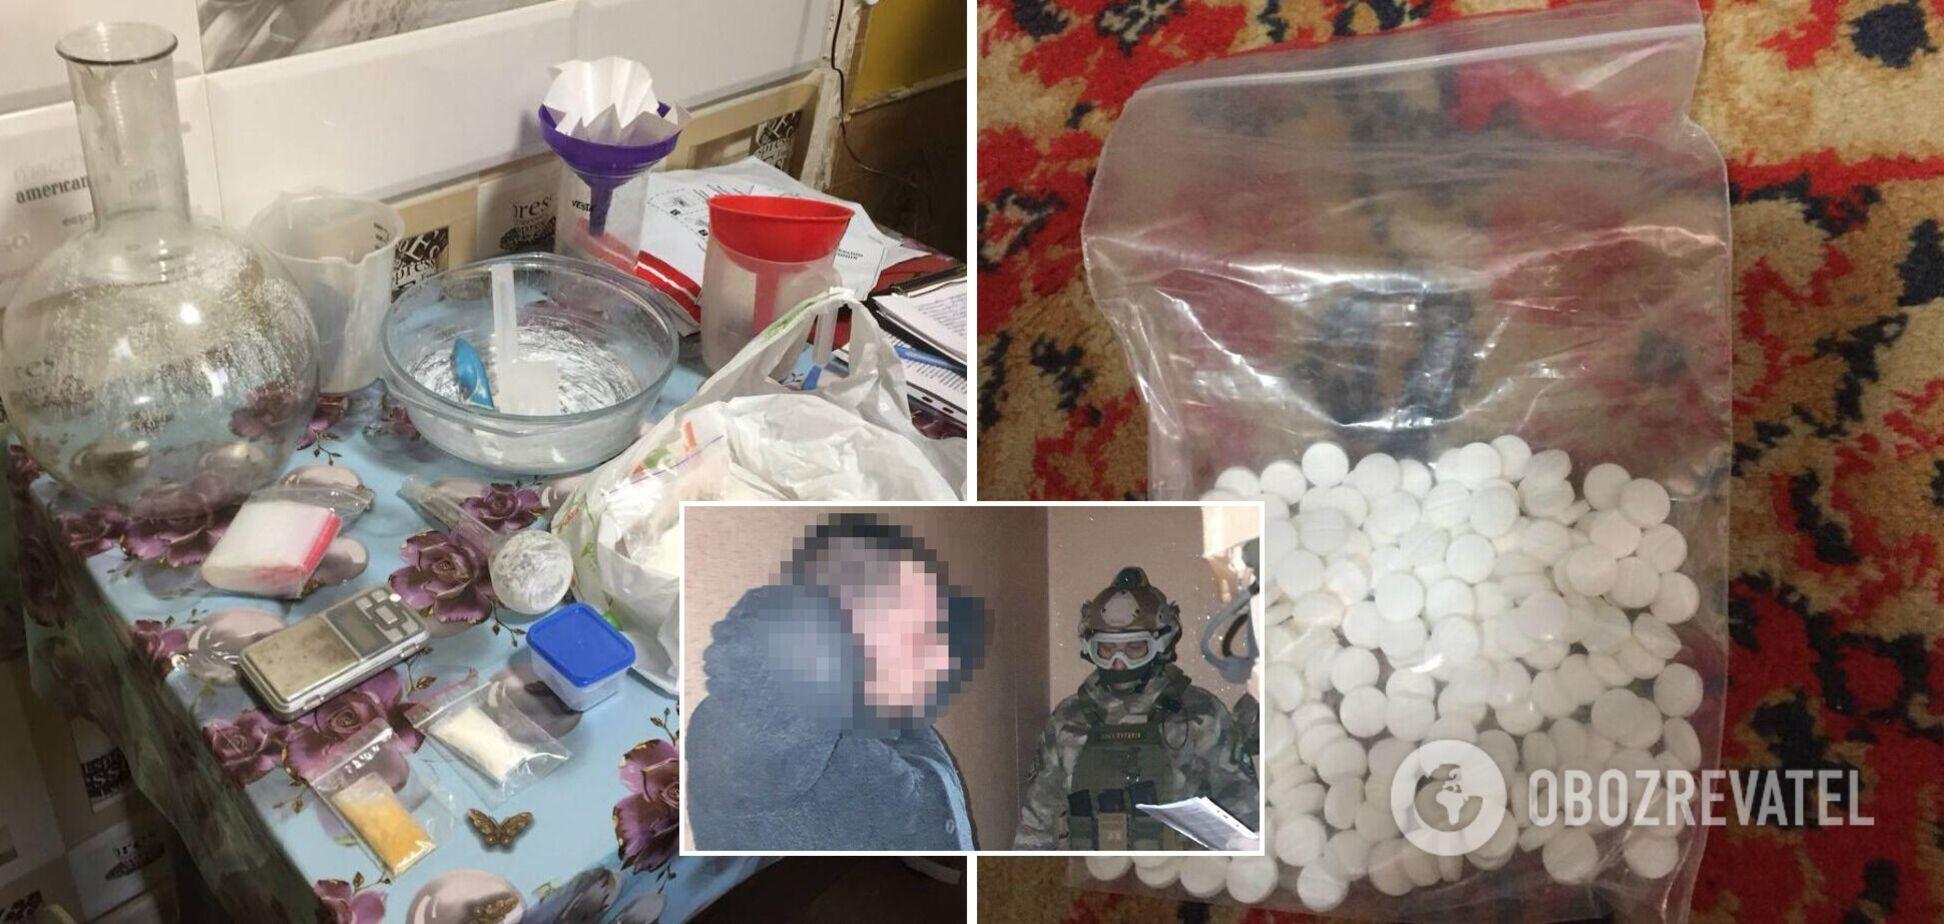 Поліція викрила наркоділків